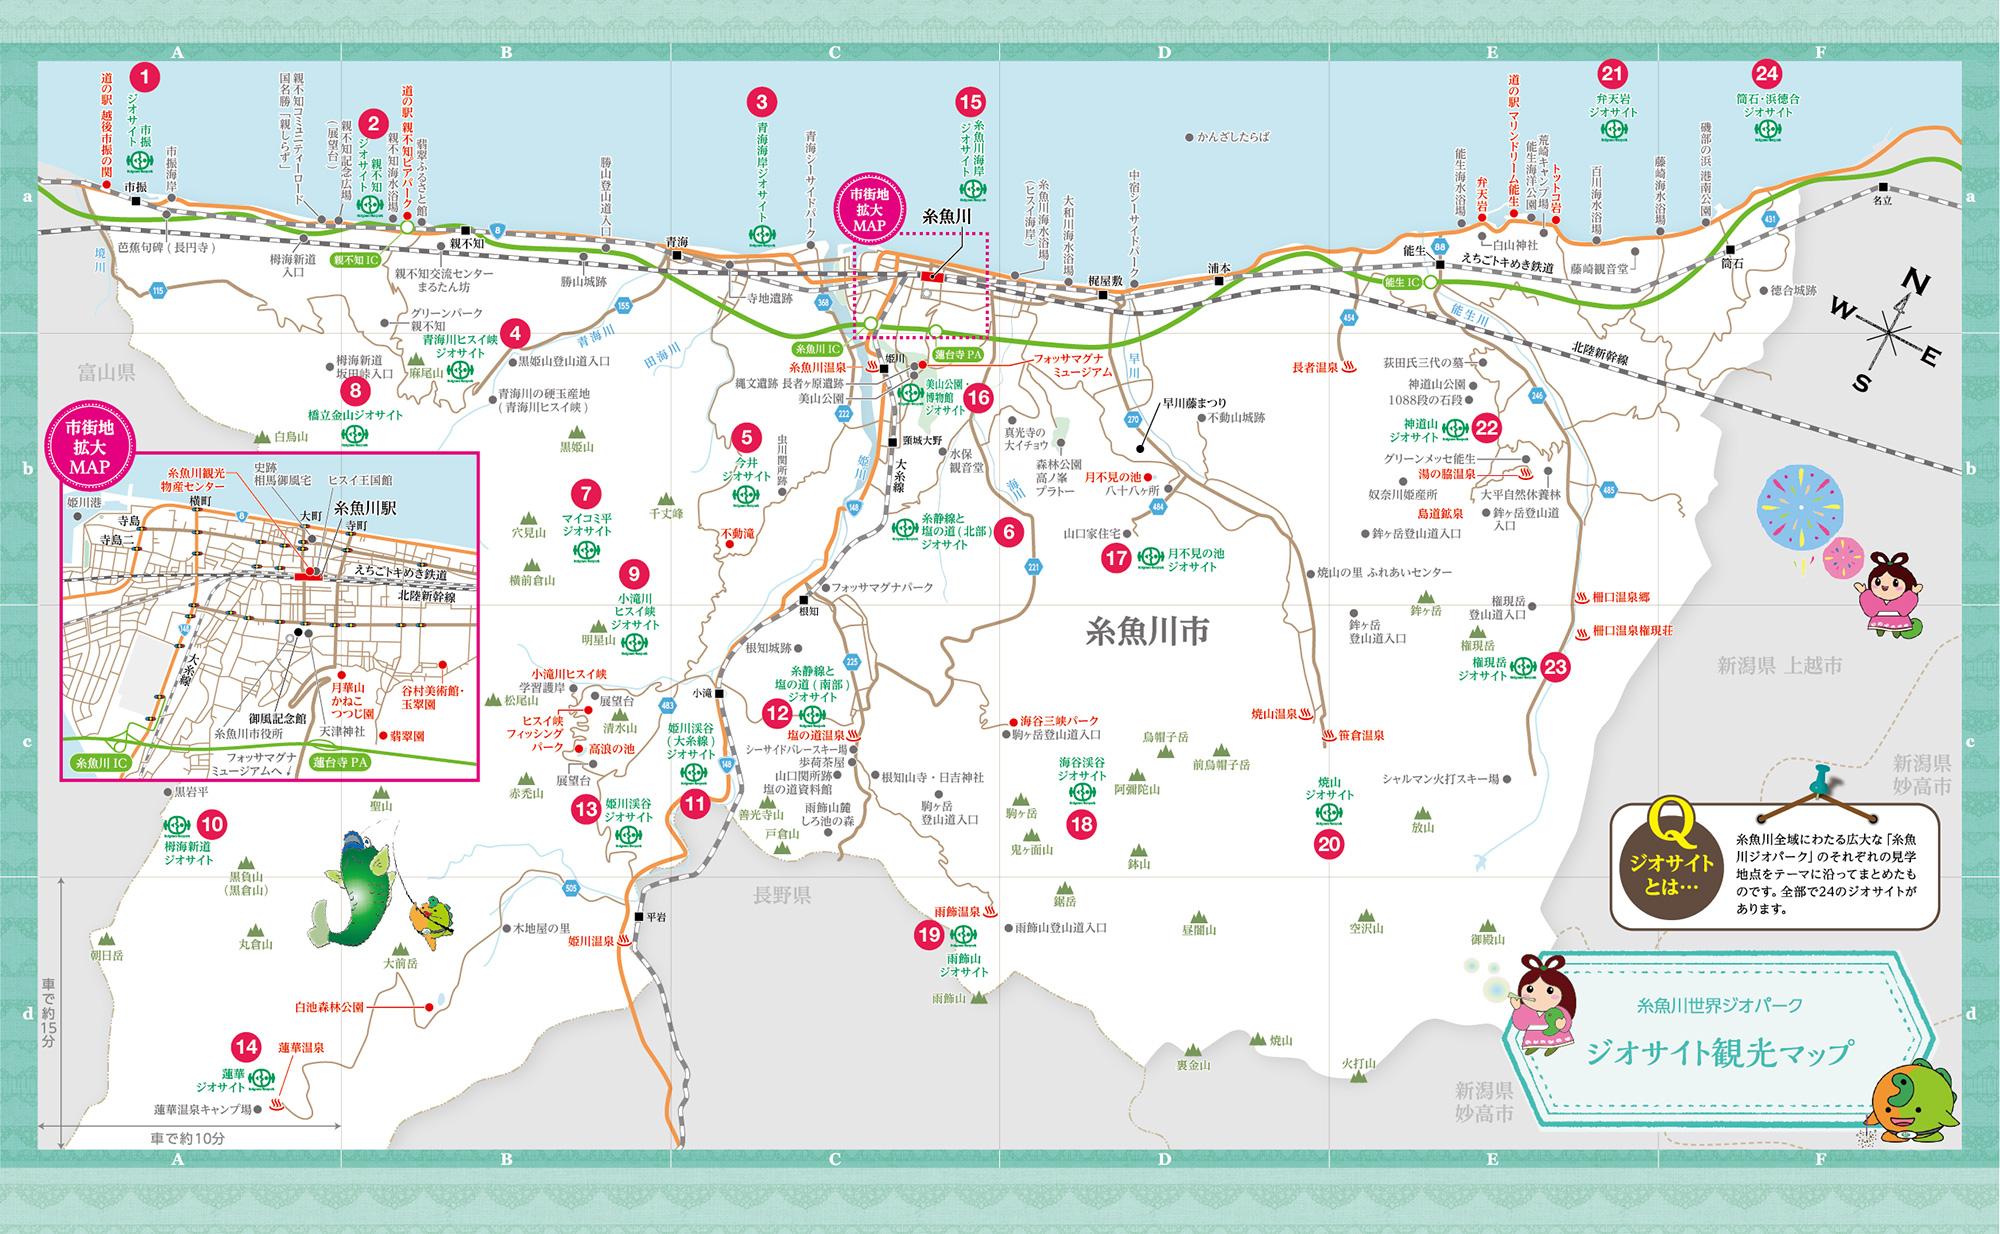 糸魚川の交通状況